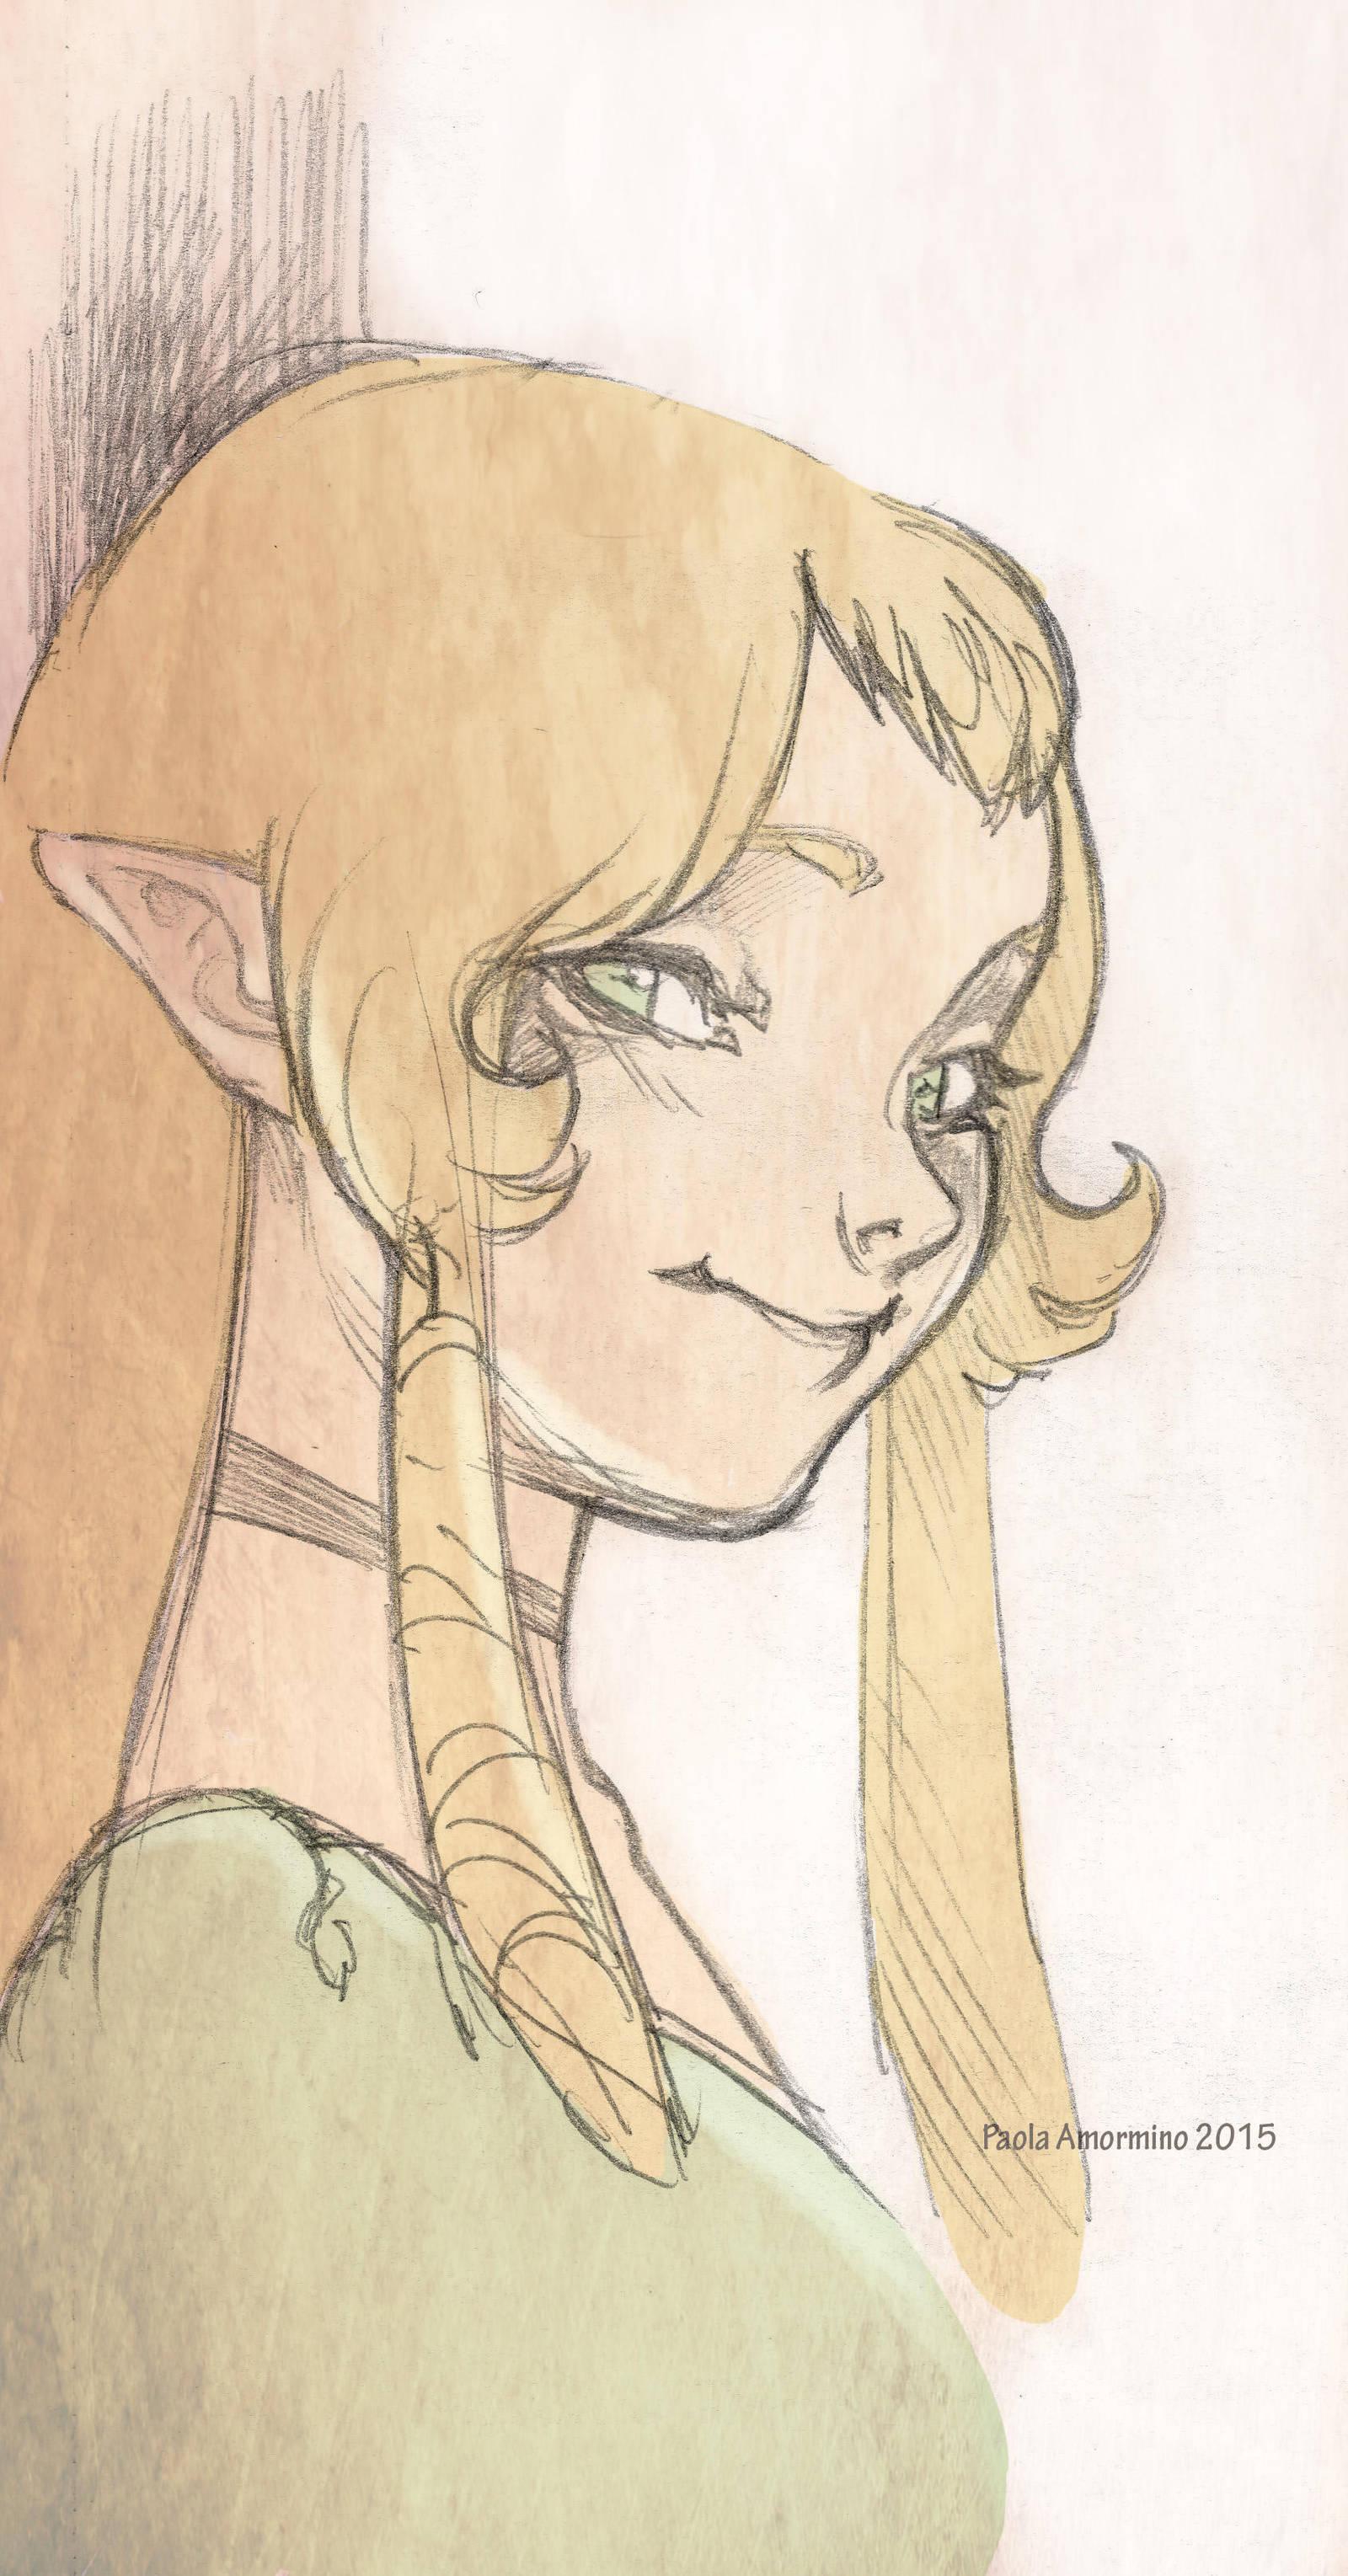 Paola0405's Profile Picture